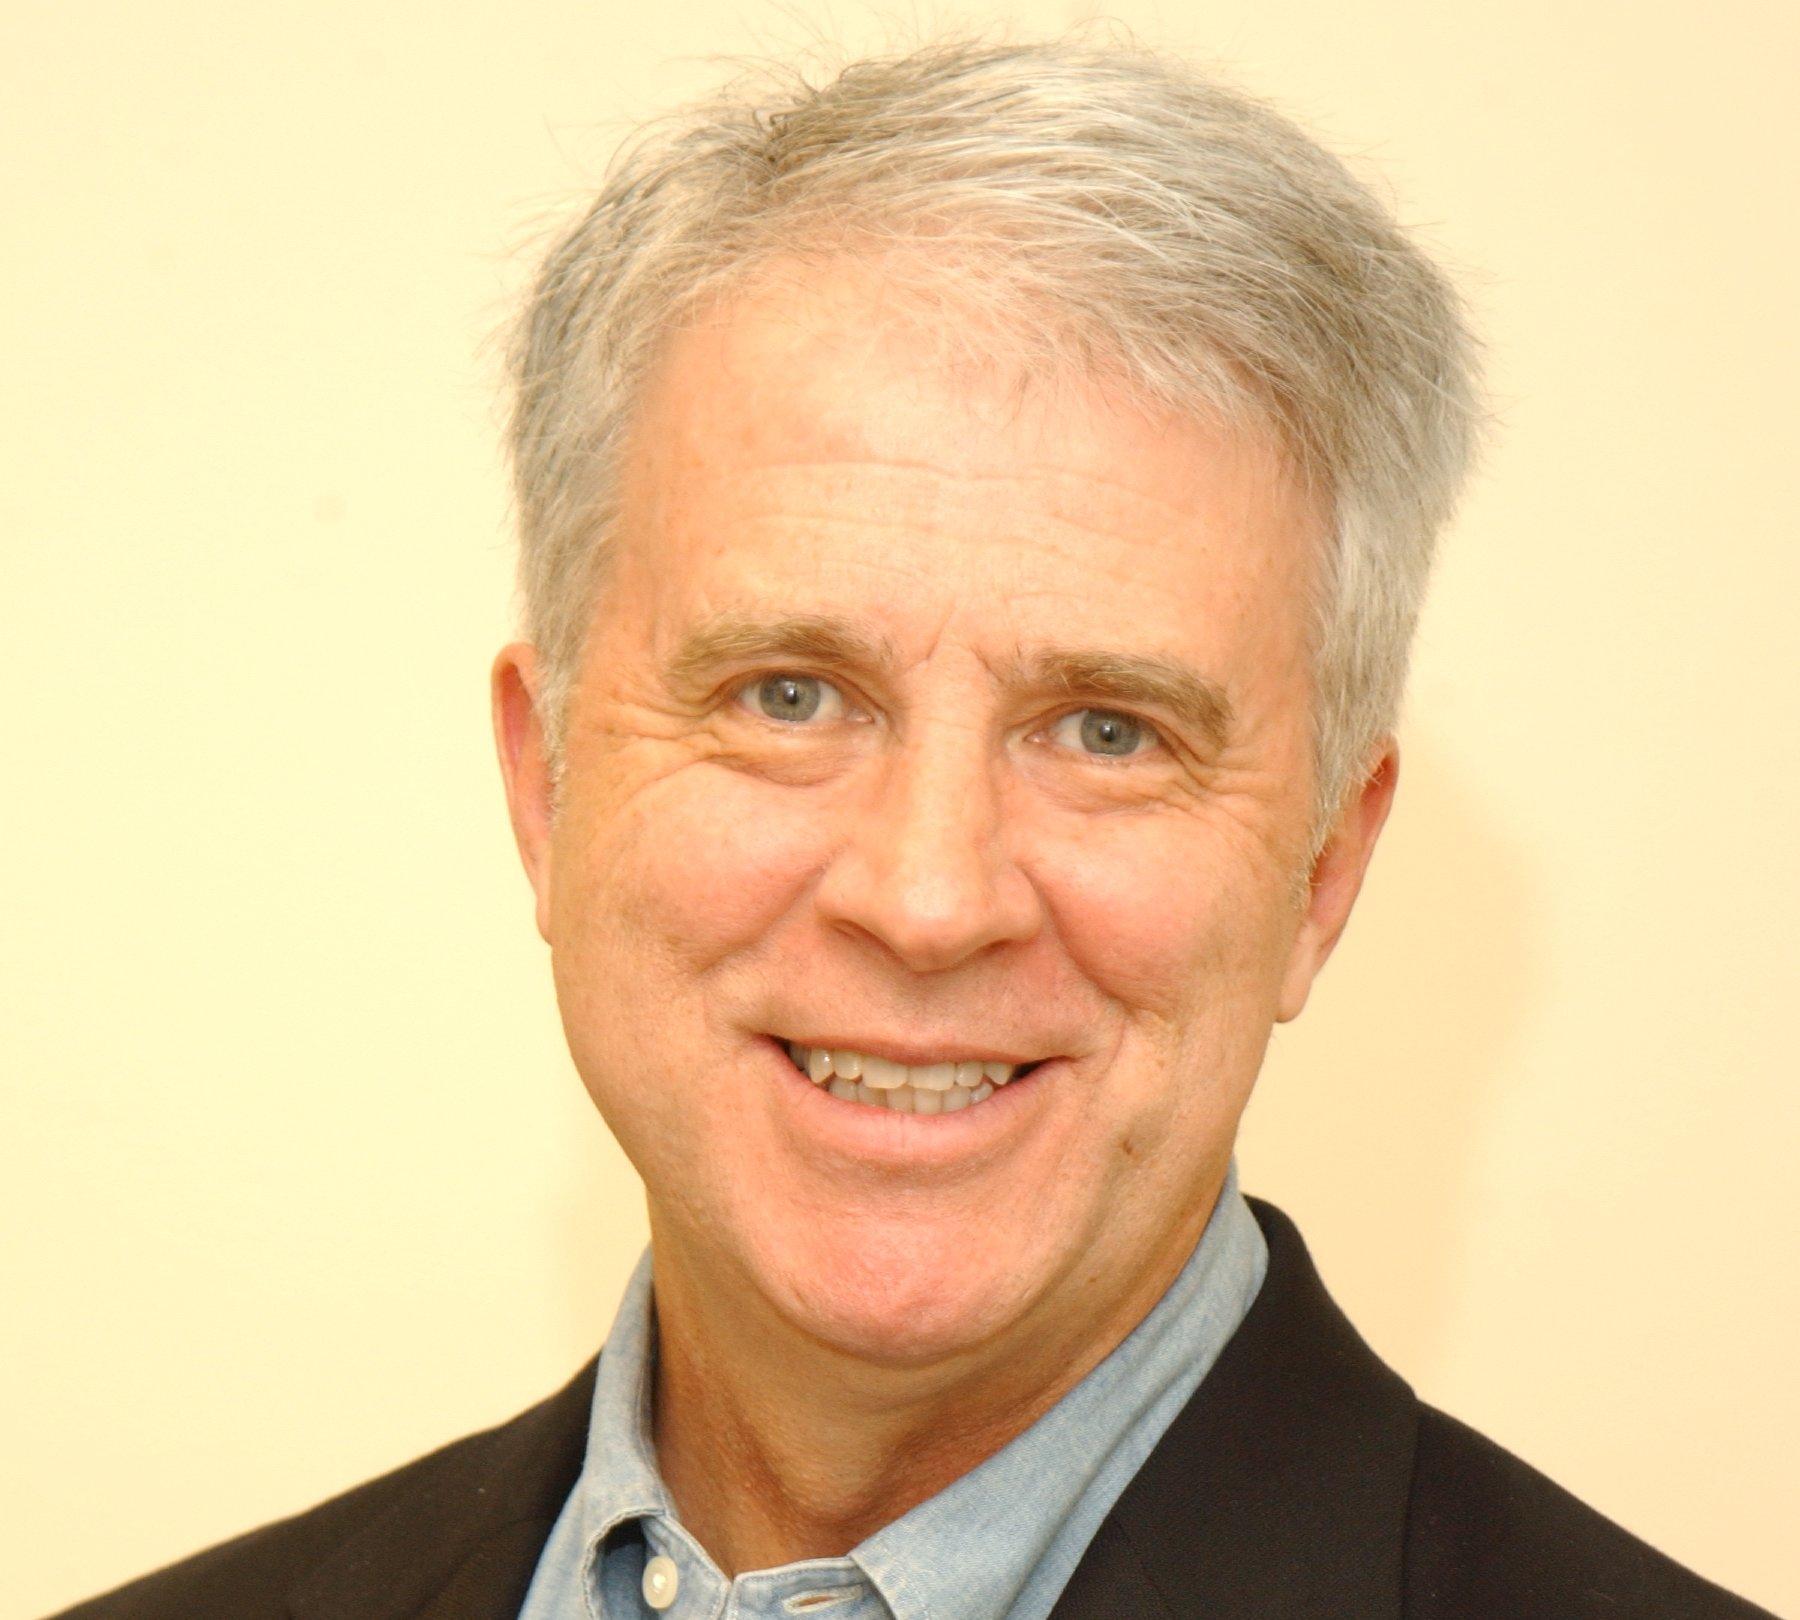 Patrick J. Feehan